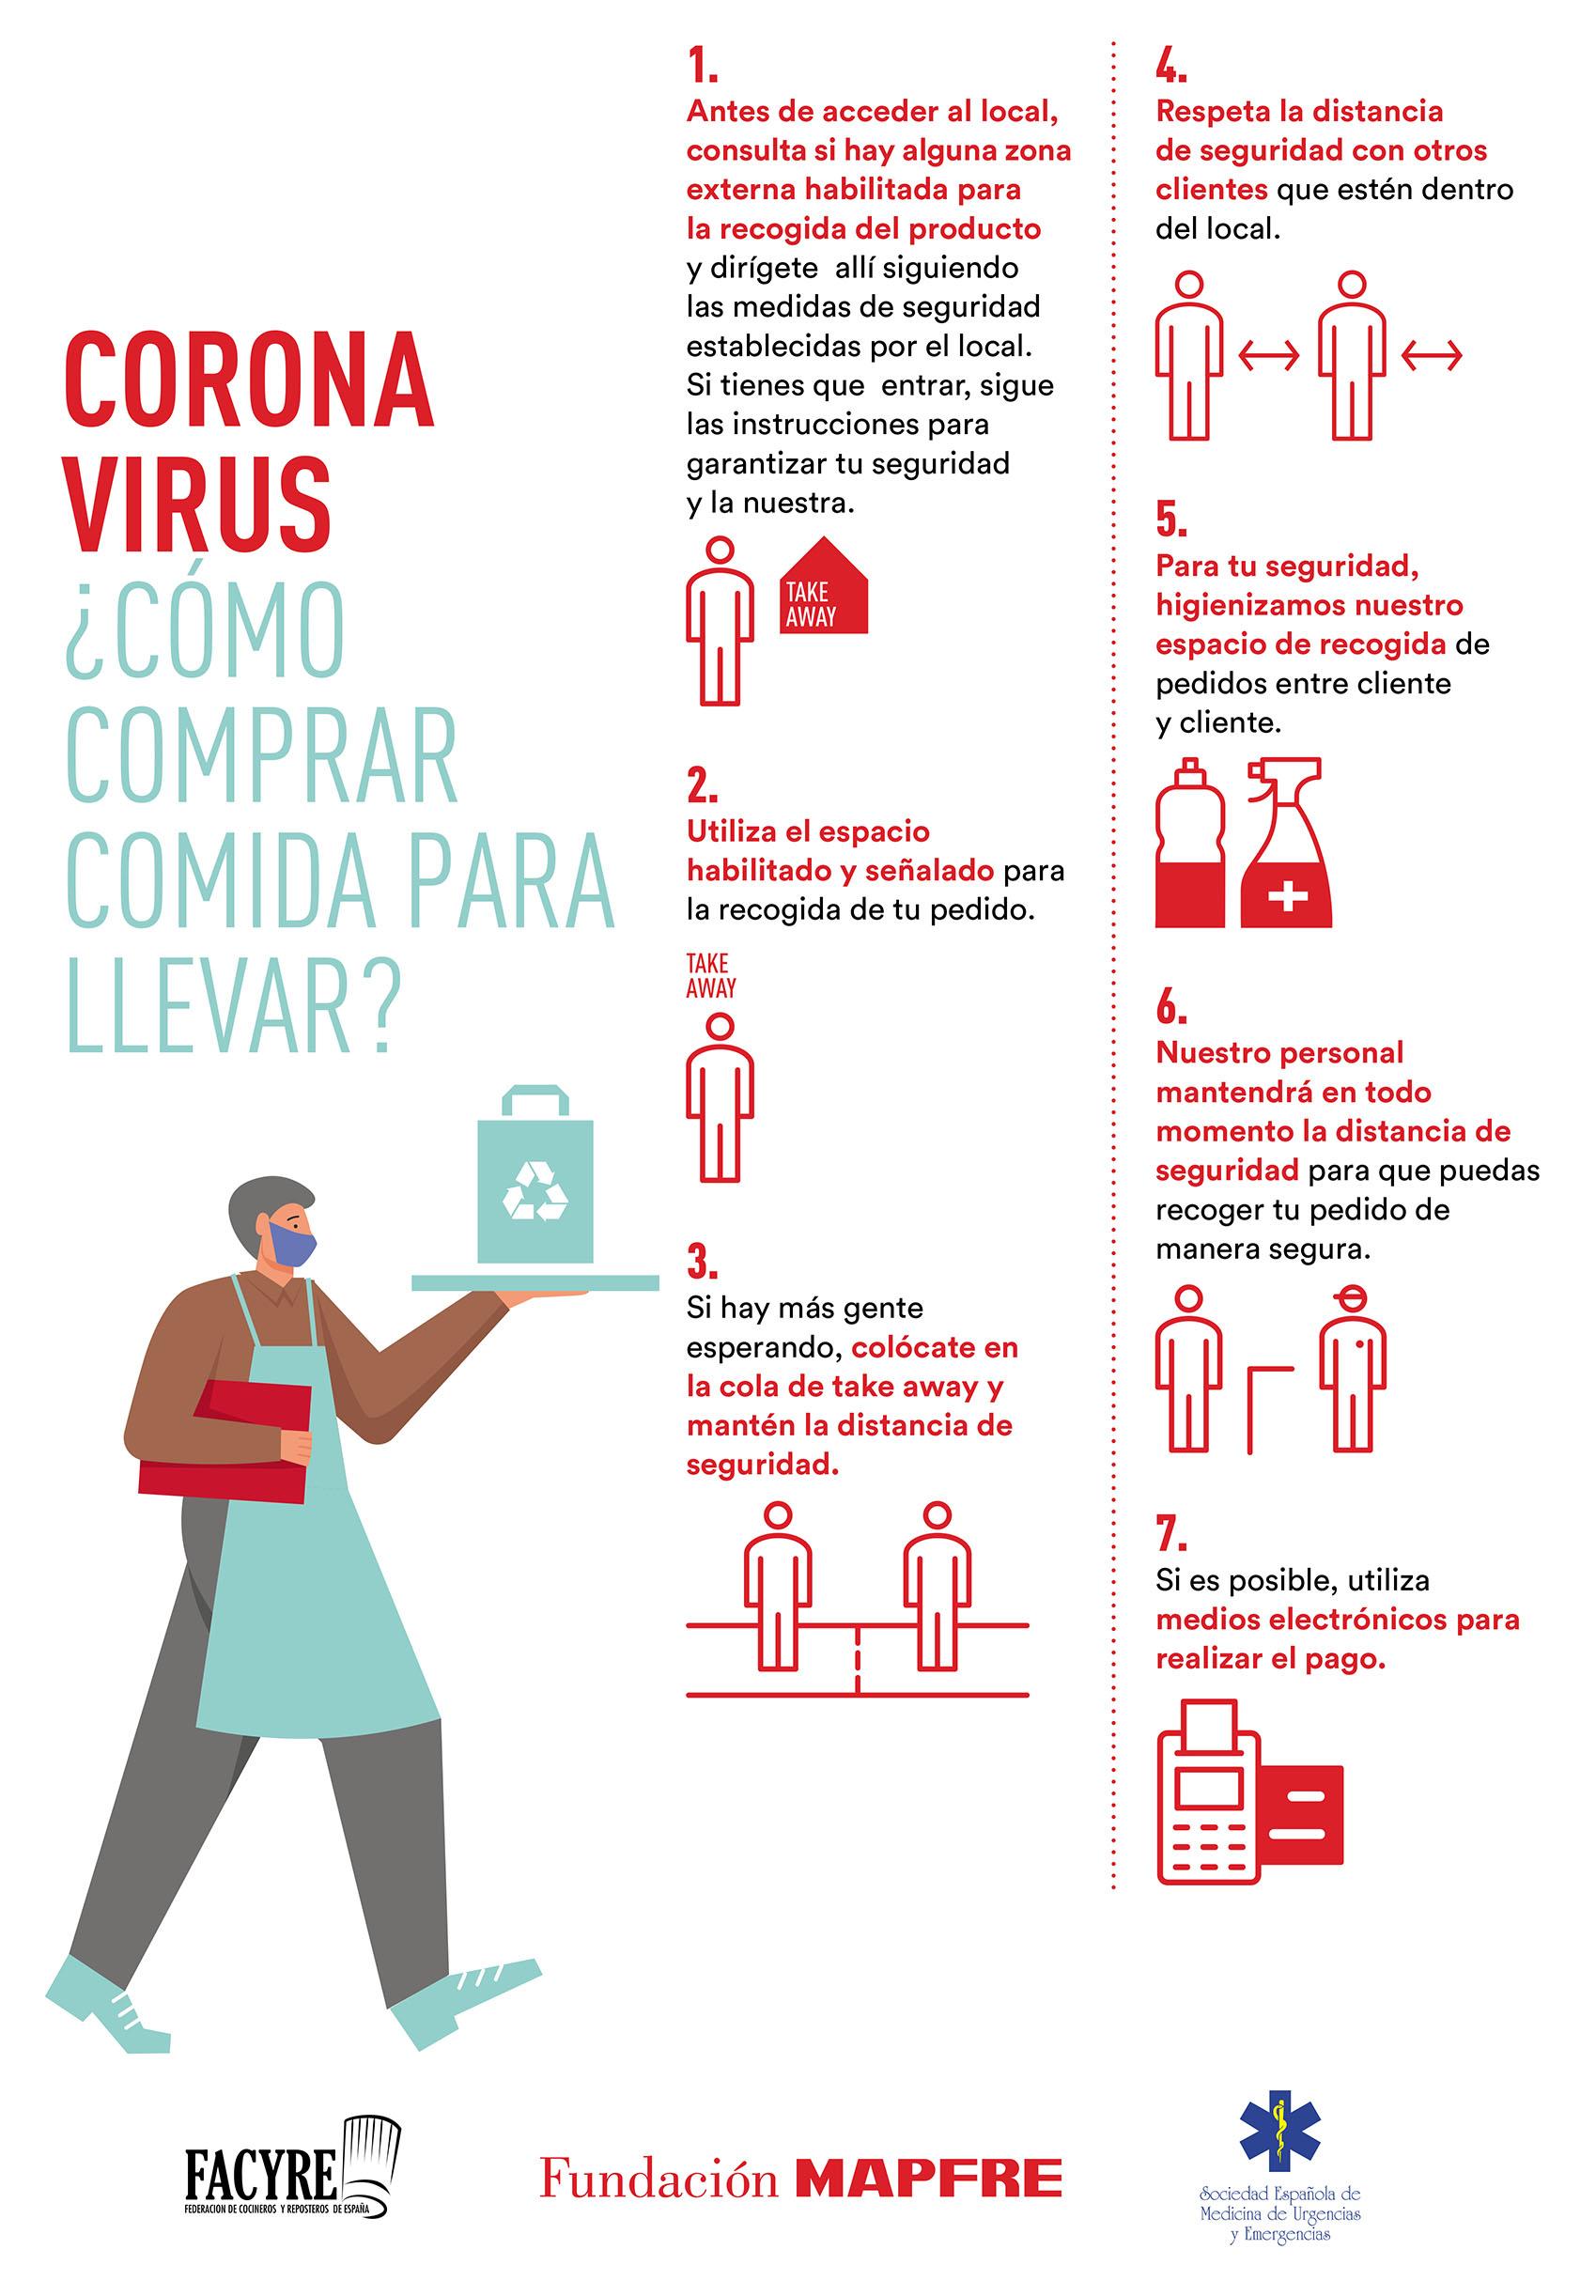 Coronavirus ¿Cómo comprar comida para llevar? MAPFRE